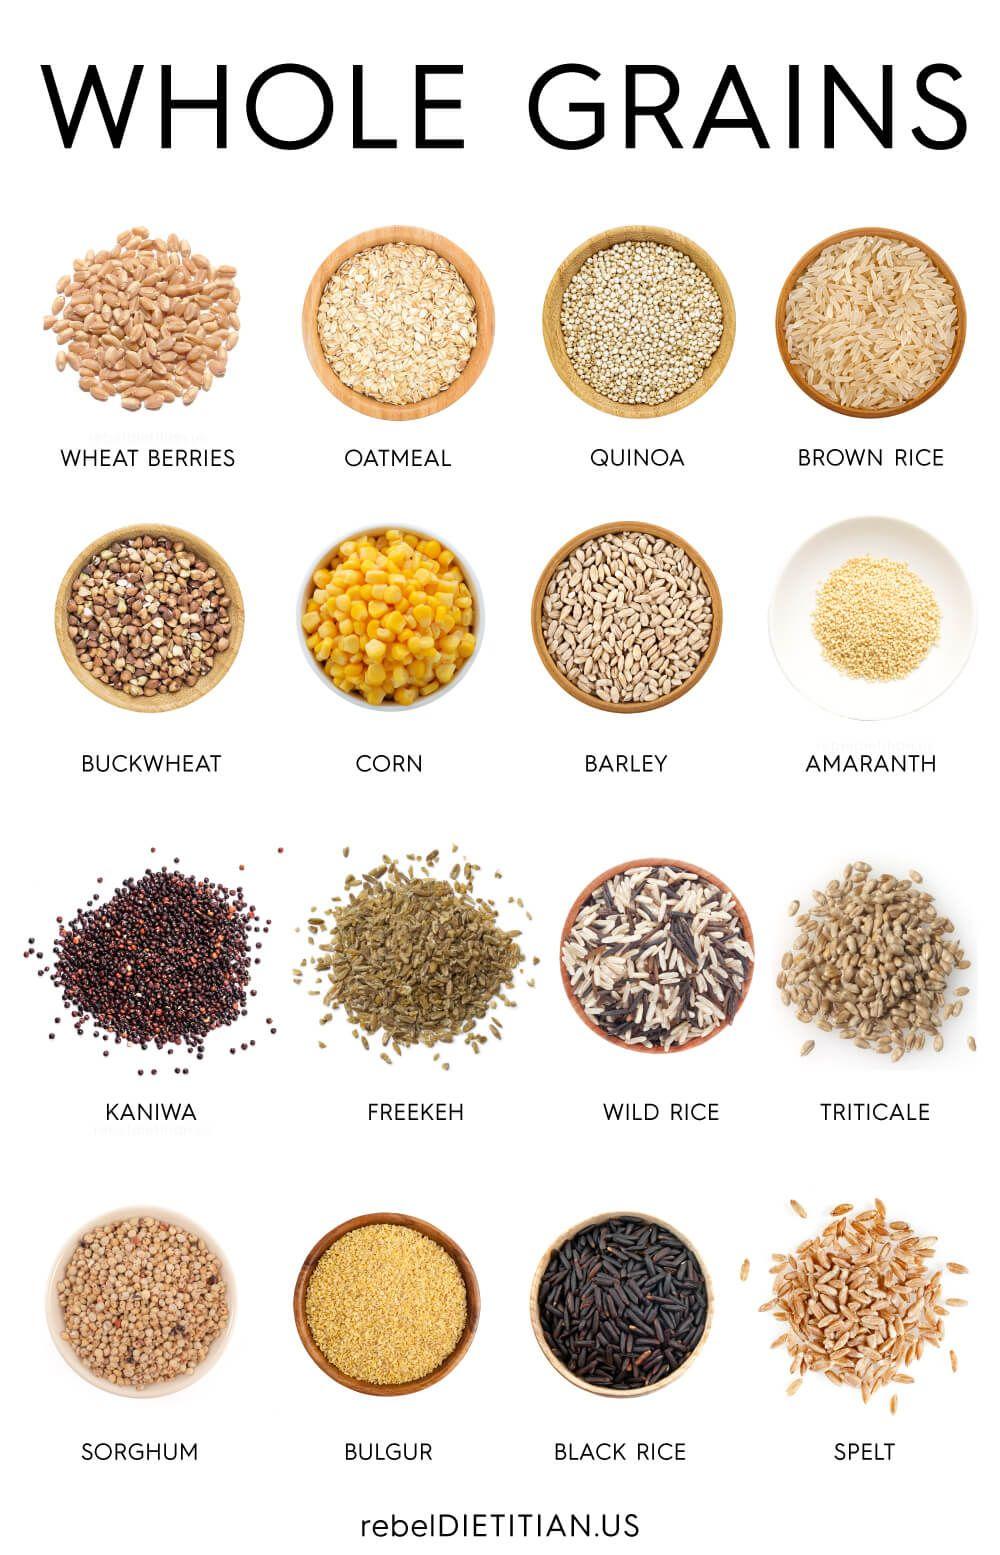 Whole Grains Chart rebelDIETITIAN.US Eat Clean